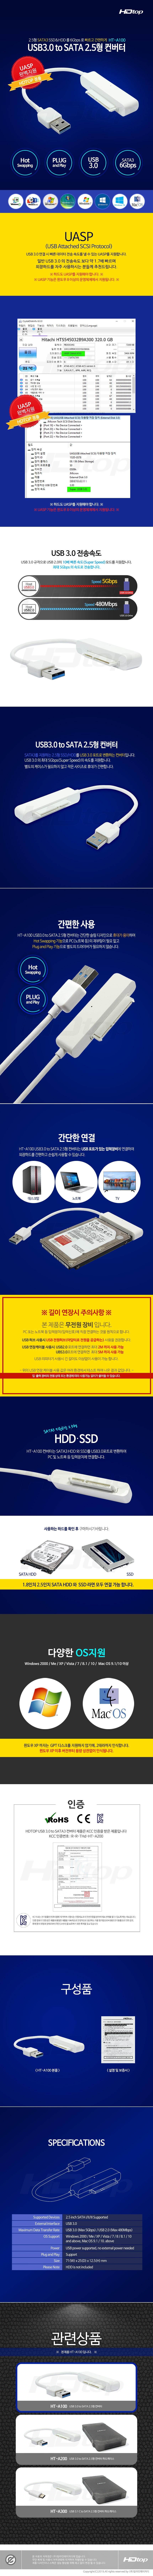 탑라인에이치디 HDTOP USB 3.0 to SATA 2.5형 컨버터 (HT-A100)